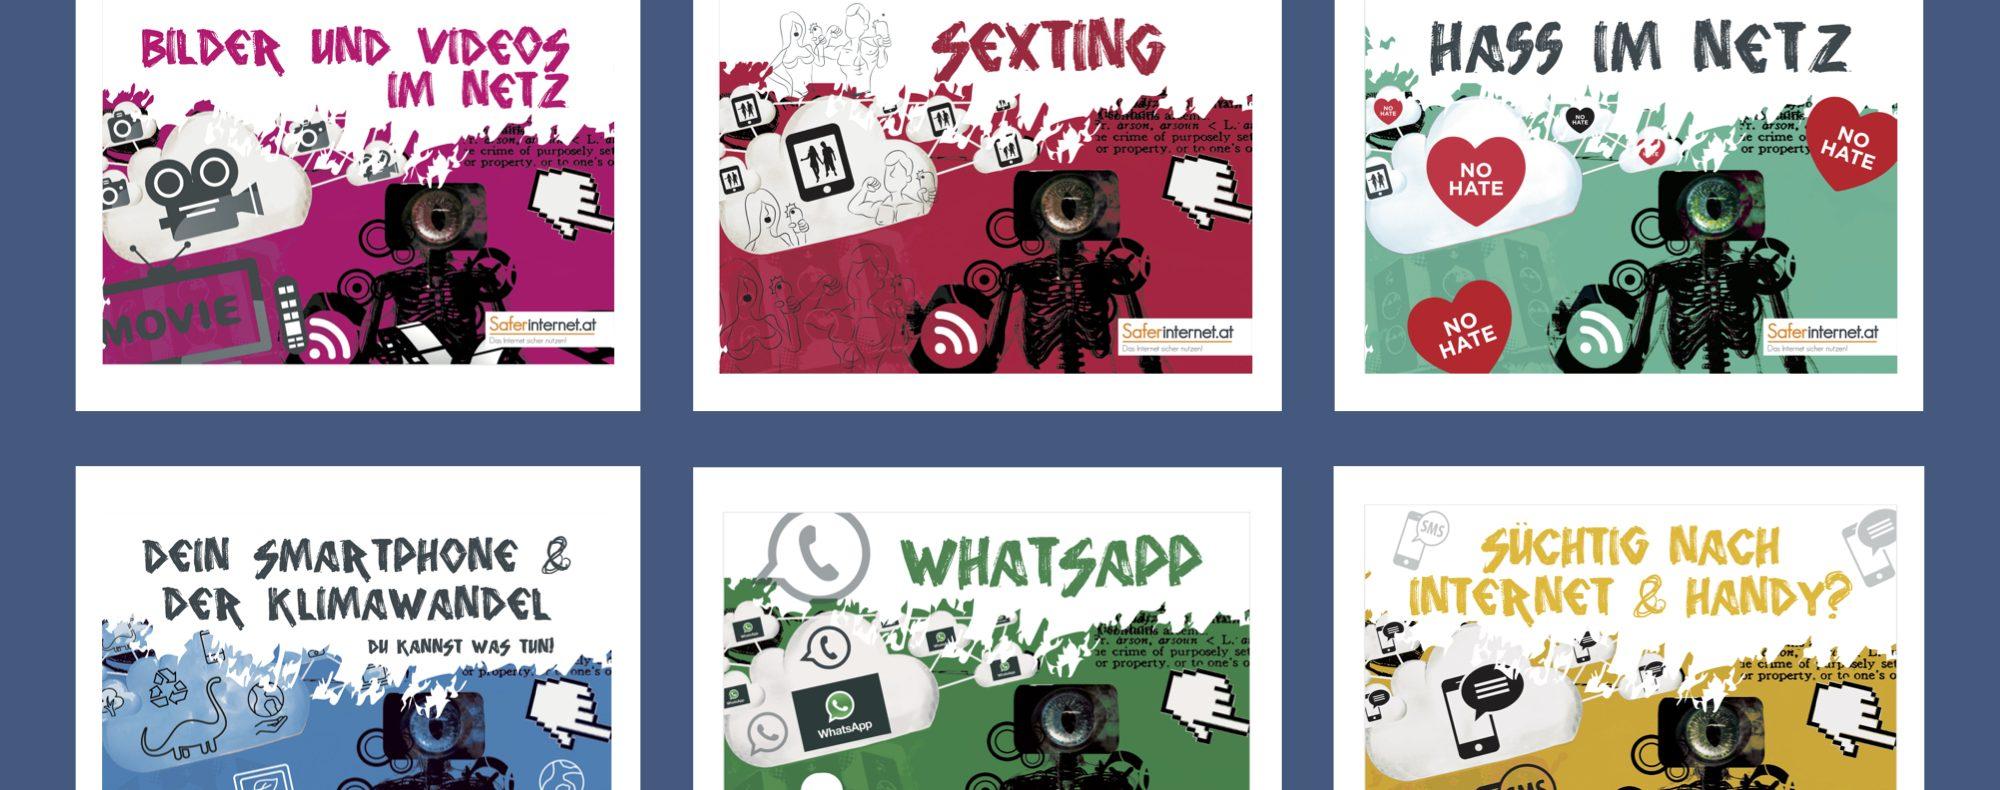 Bunte Flyer für Jugendliche zur sicheren Internetnutzung